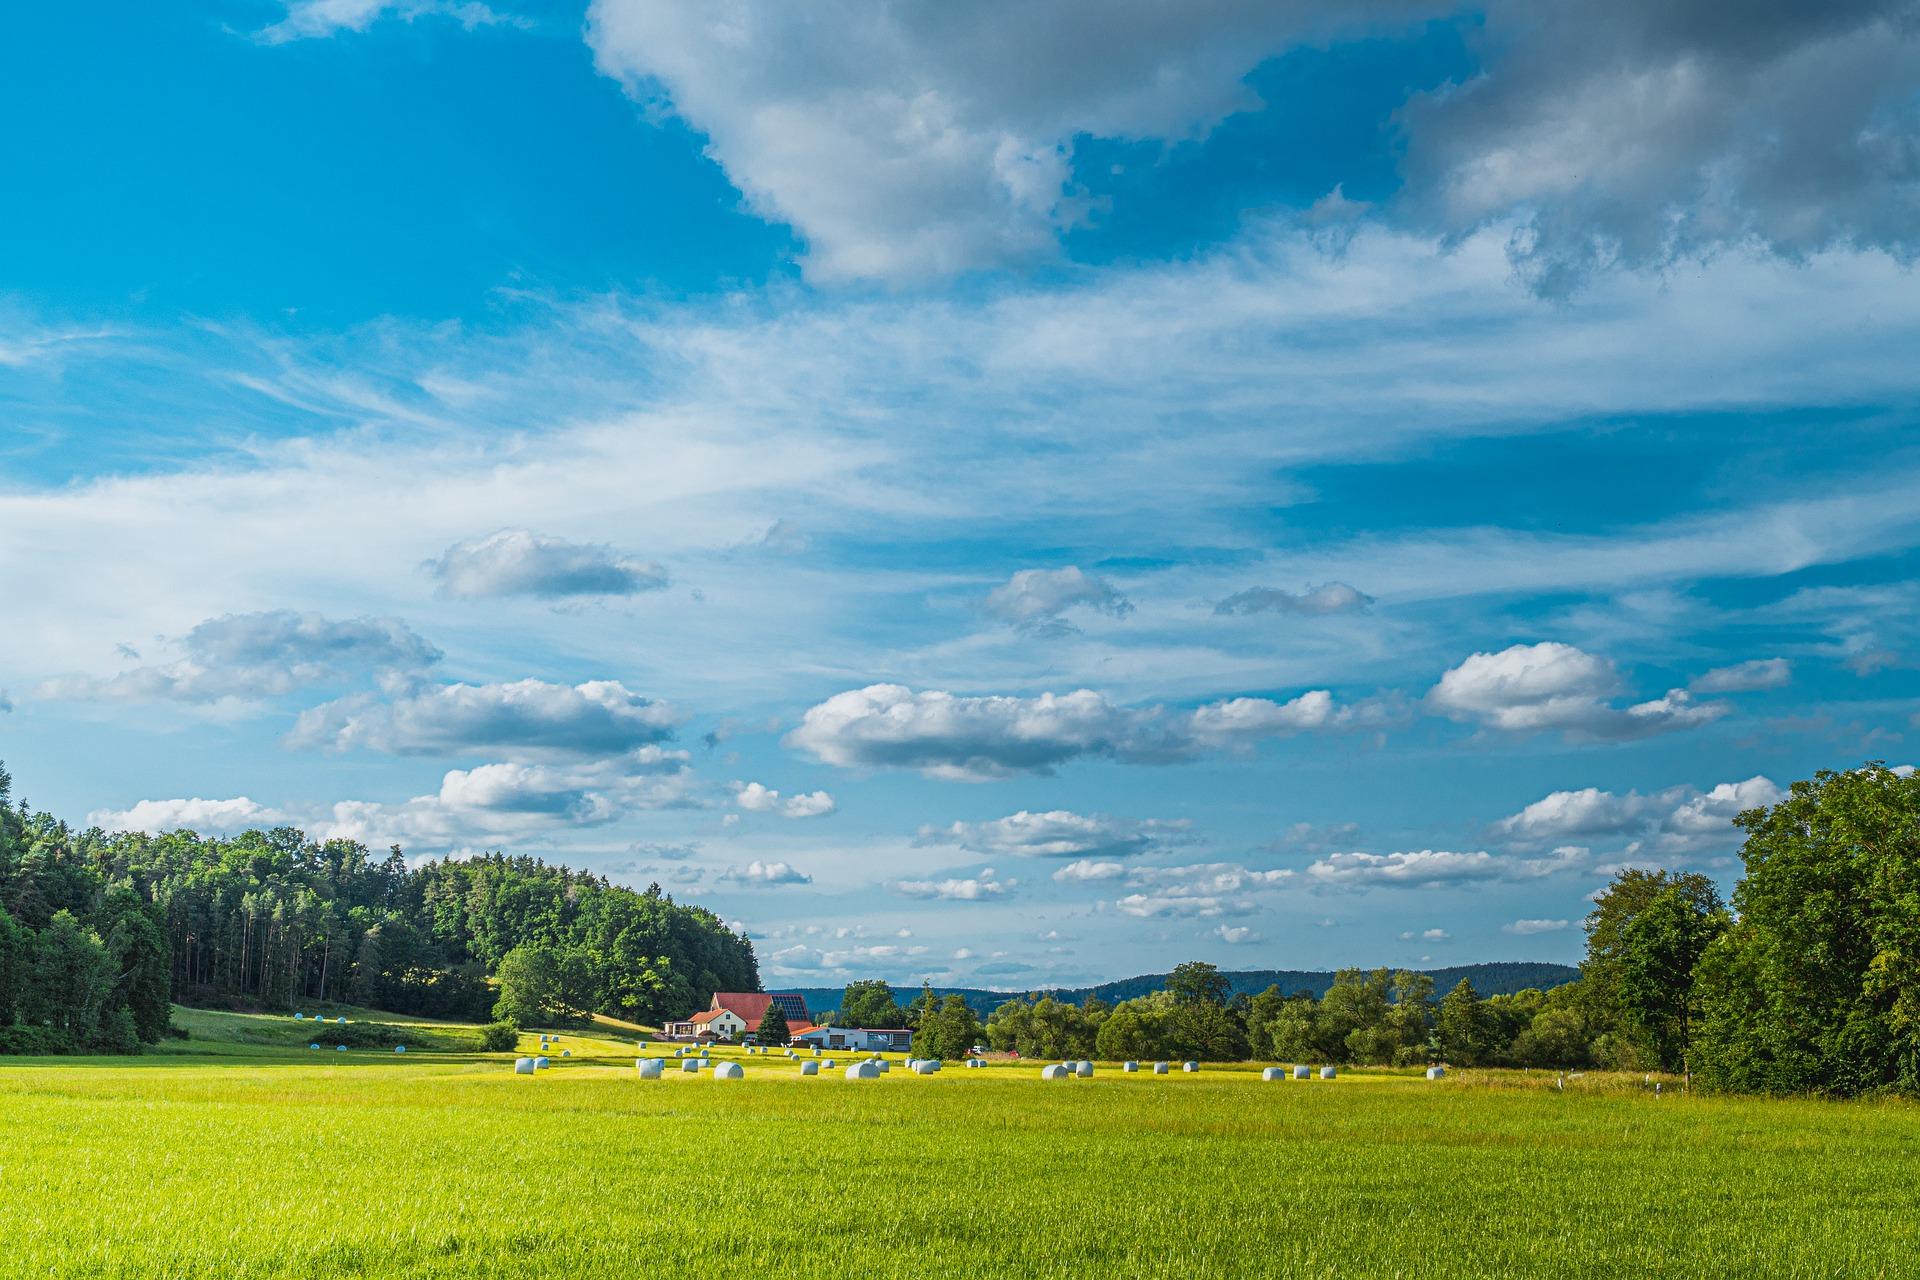 Громадам Харківщини передадуть у власність майже 8,5 тис. гектарів земель сільгосппризначення